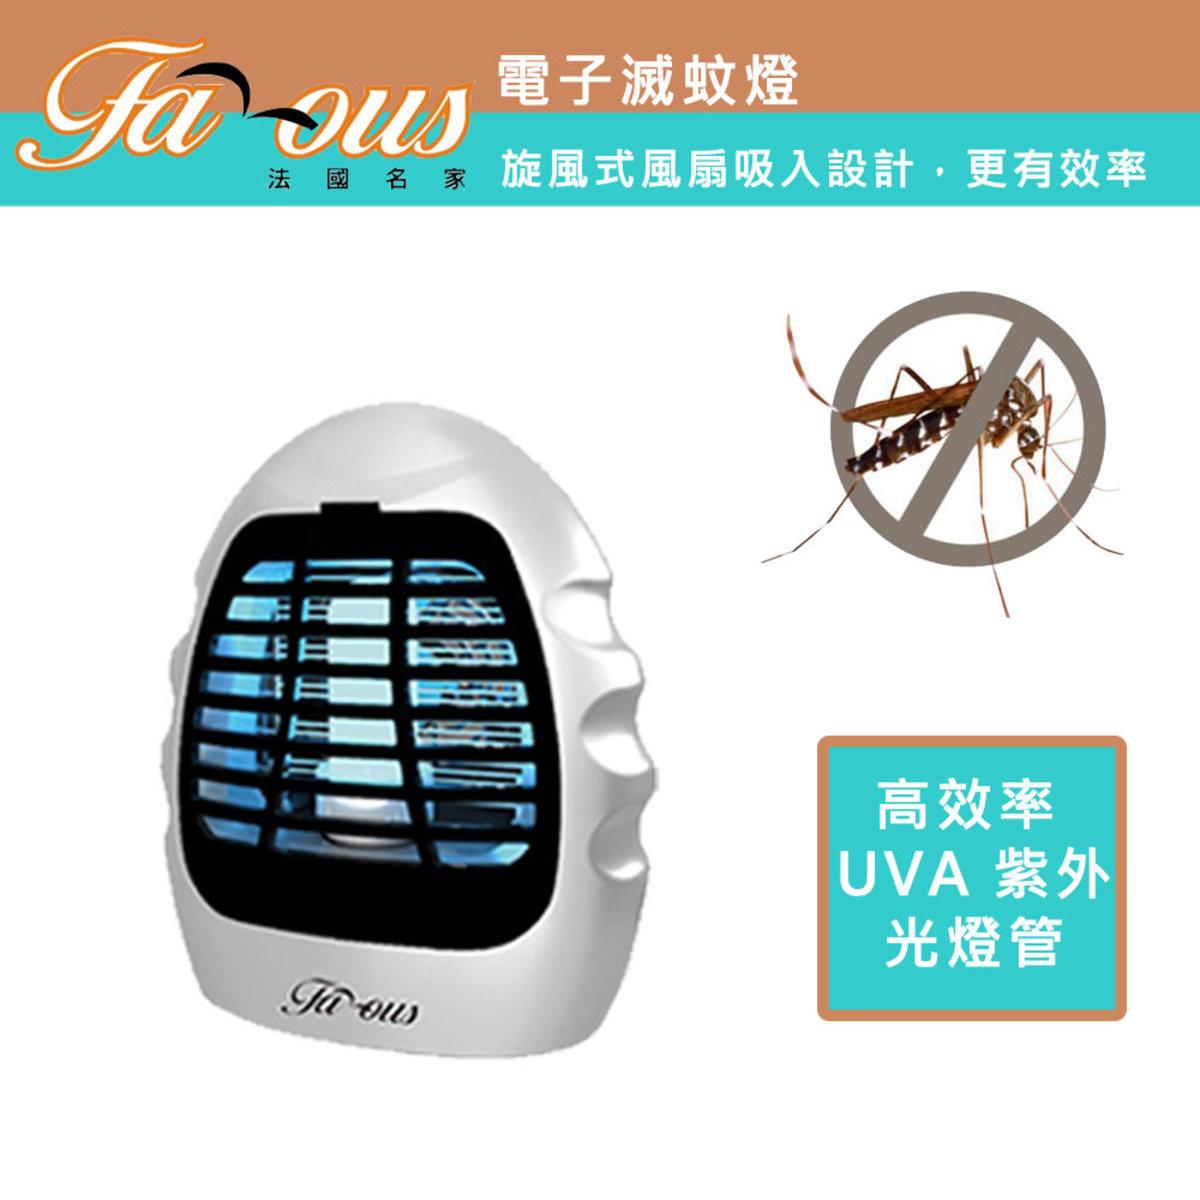 電子滅蚊燈 - FIK-14P(FAM)